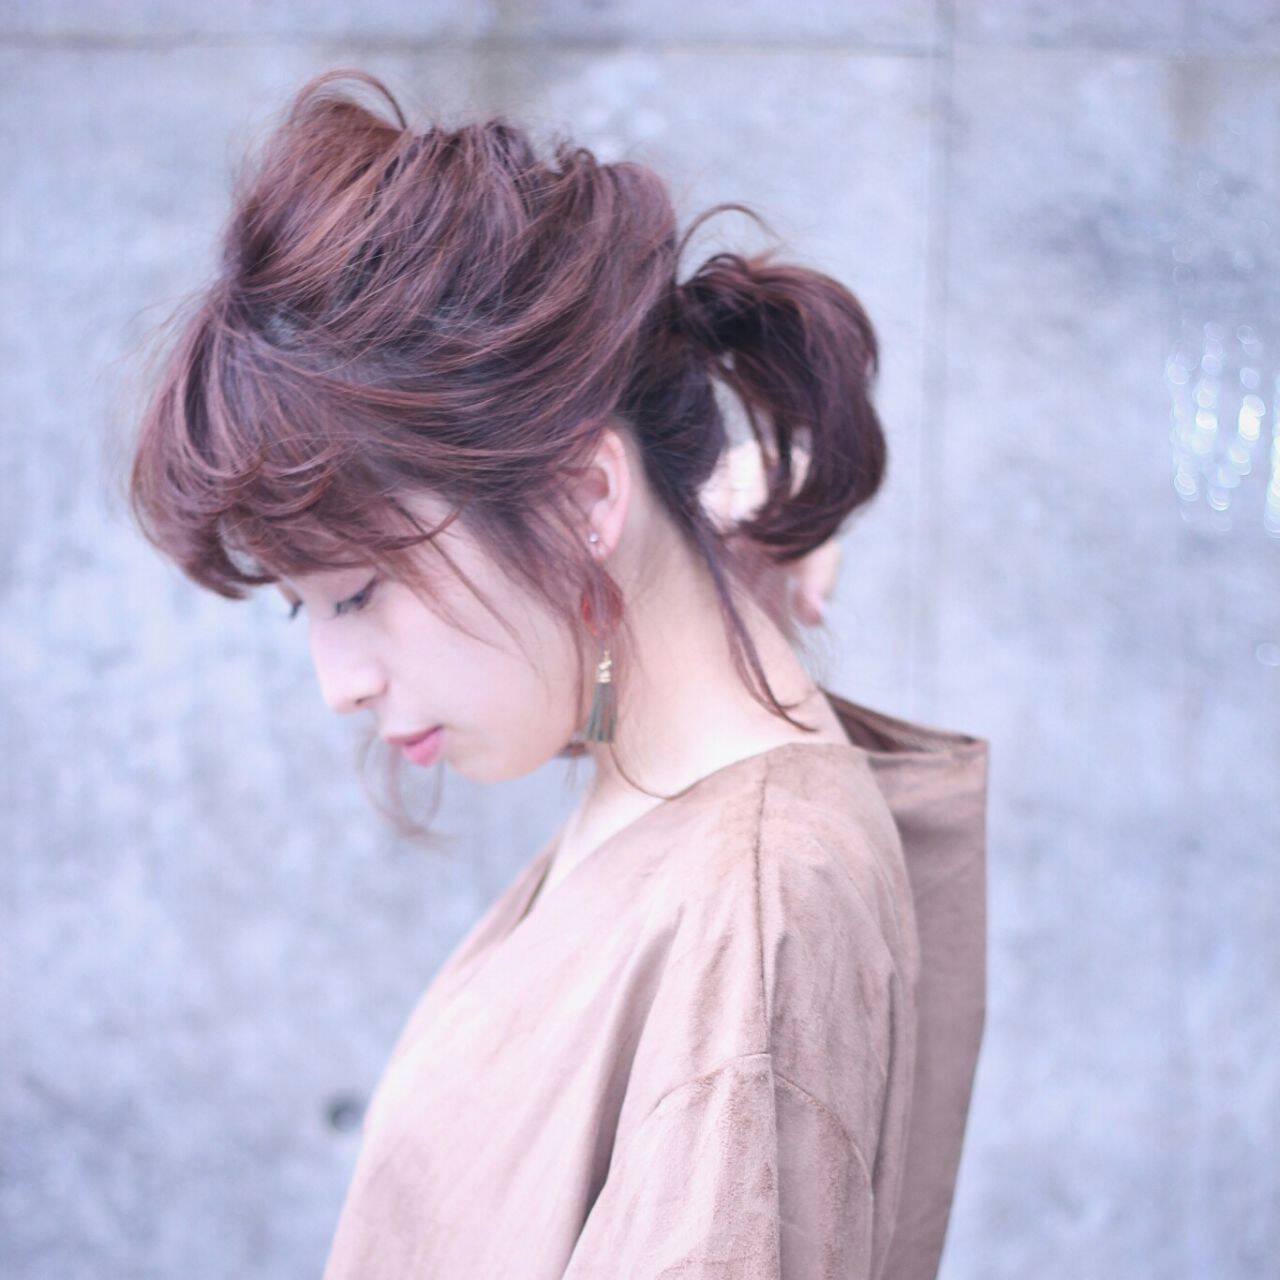 大人かわいい ナチュラル ポニーテール マルサラヘアスタイルや髪型の写真・画像